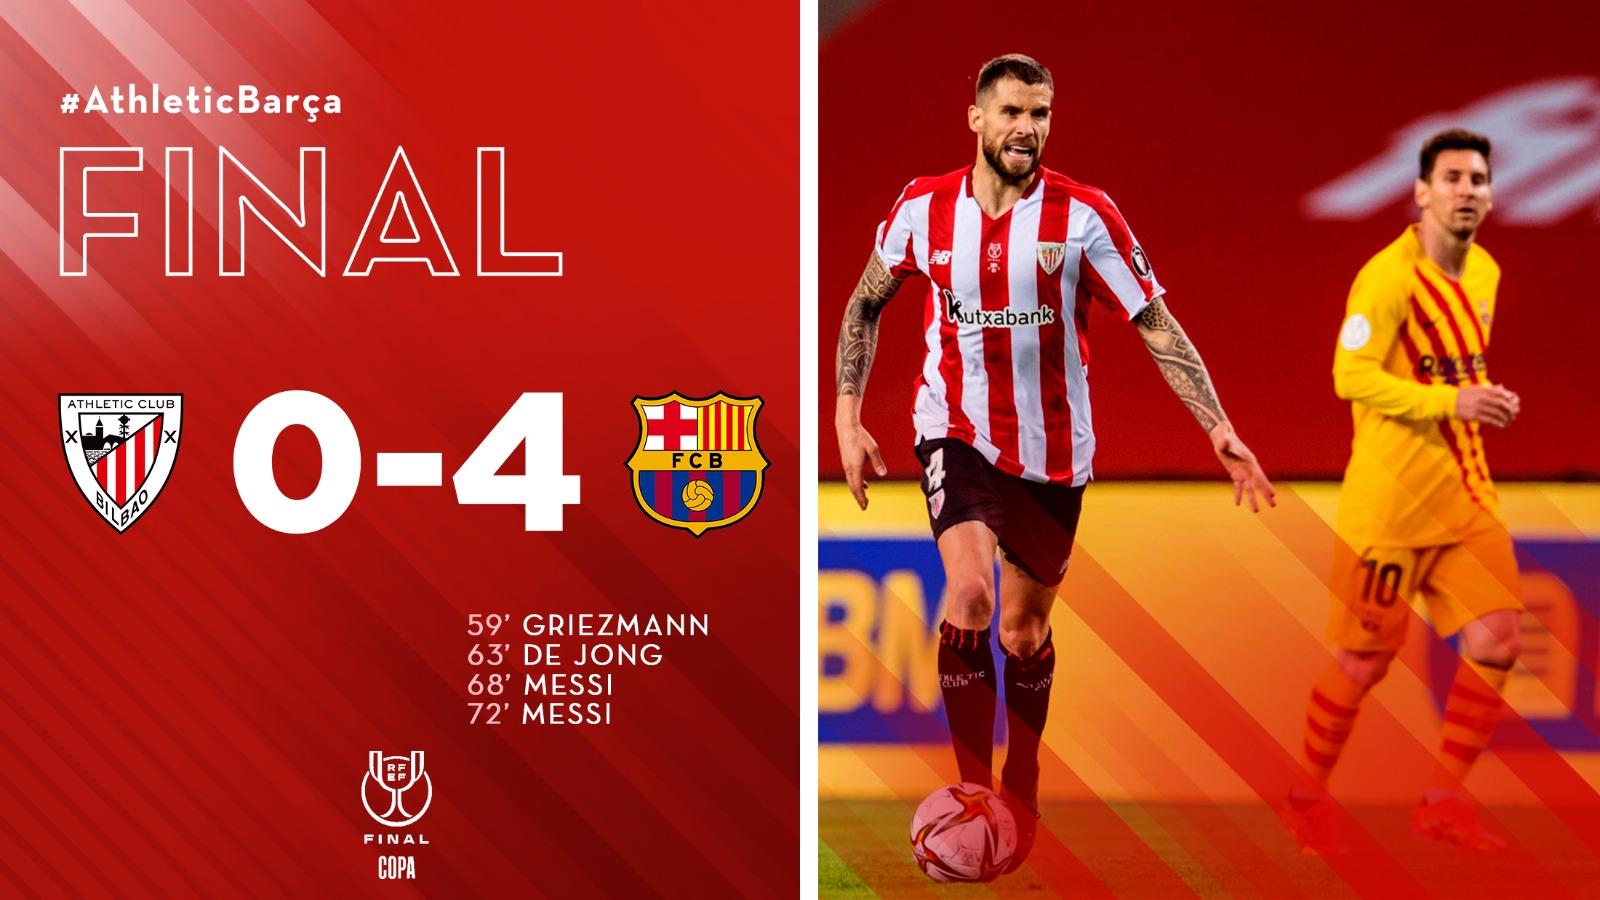 [dotb.eus] El Athletic pierde su segunda final de Copa